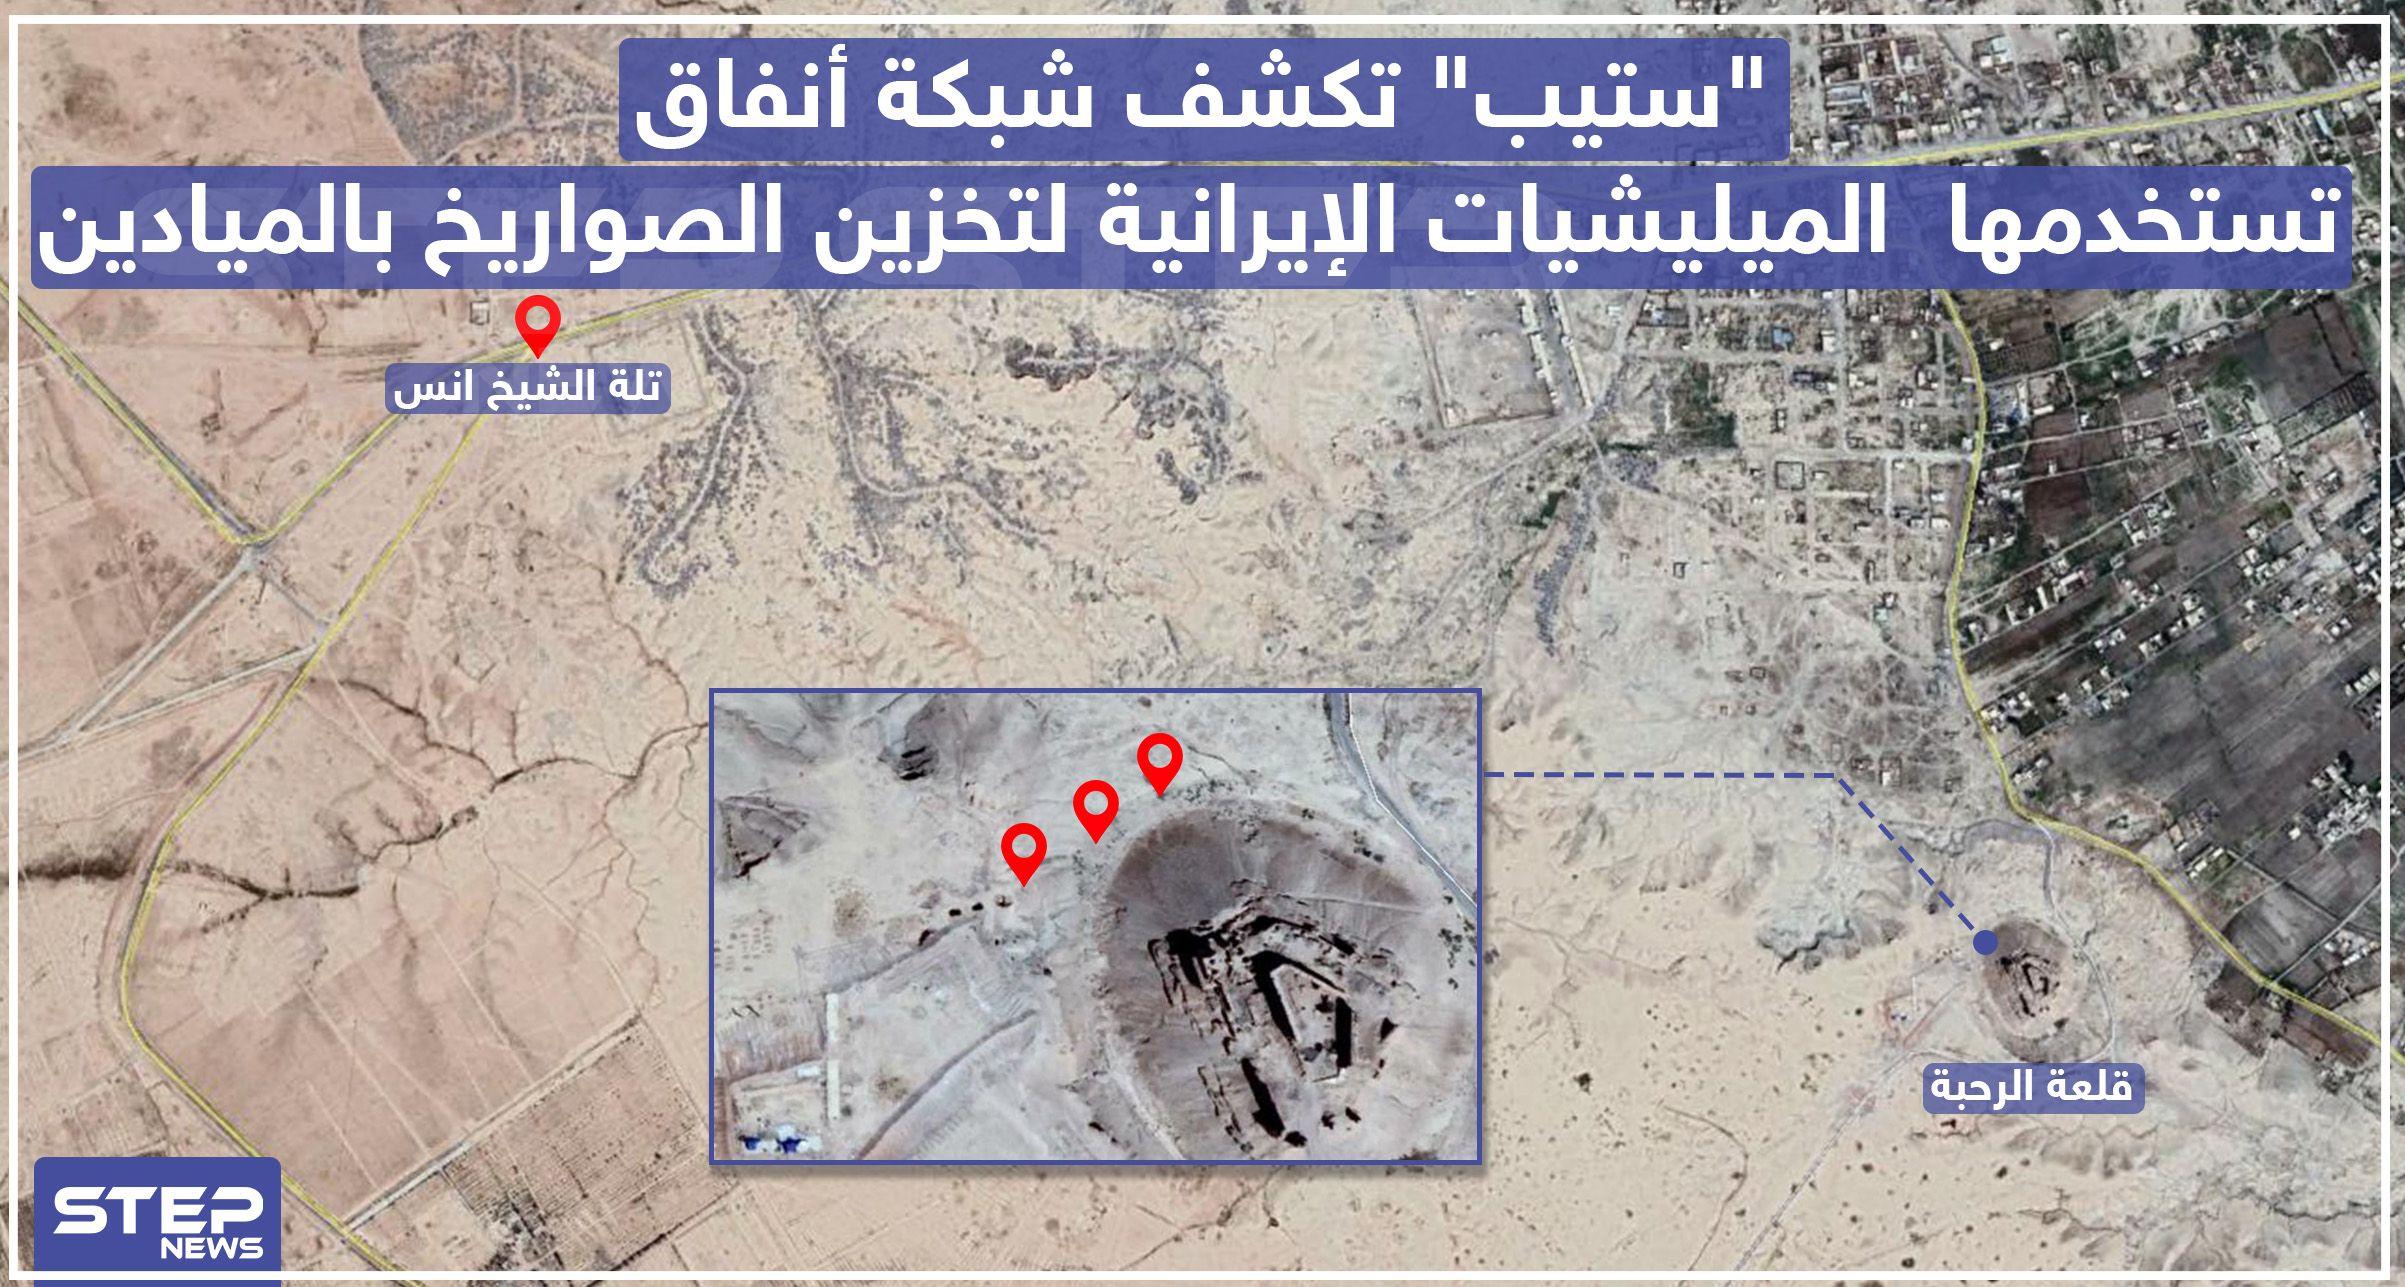 عملت الميليشيات الإيرانية خلال الساعات الأخيرة على تخزين أسلحة وذخائر في شبكة أنفاق وتحصينات كان تنظيم الدولة داعش تركه Ashley Johnson Selina Kyle Karen Page